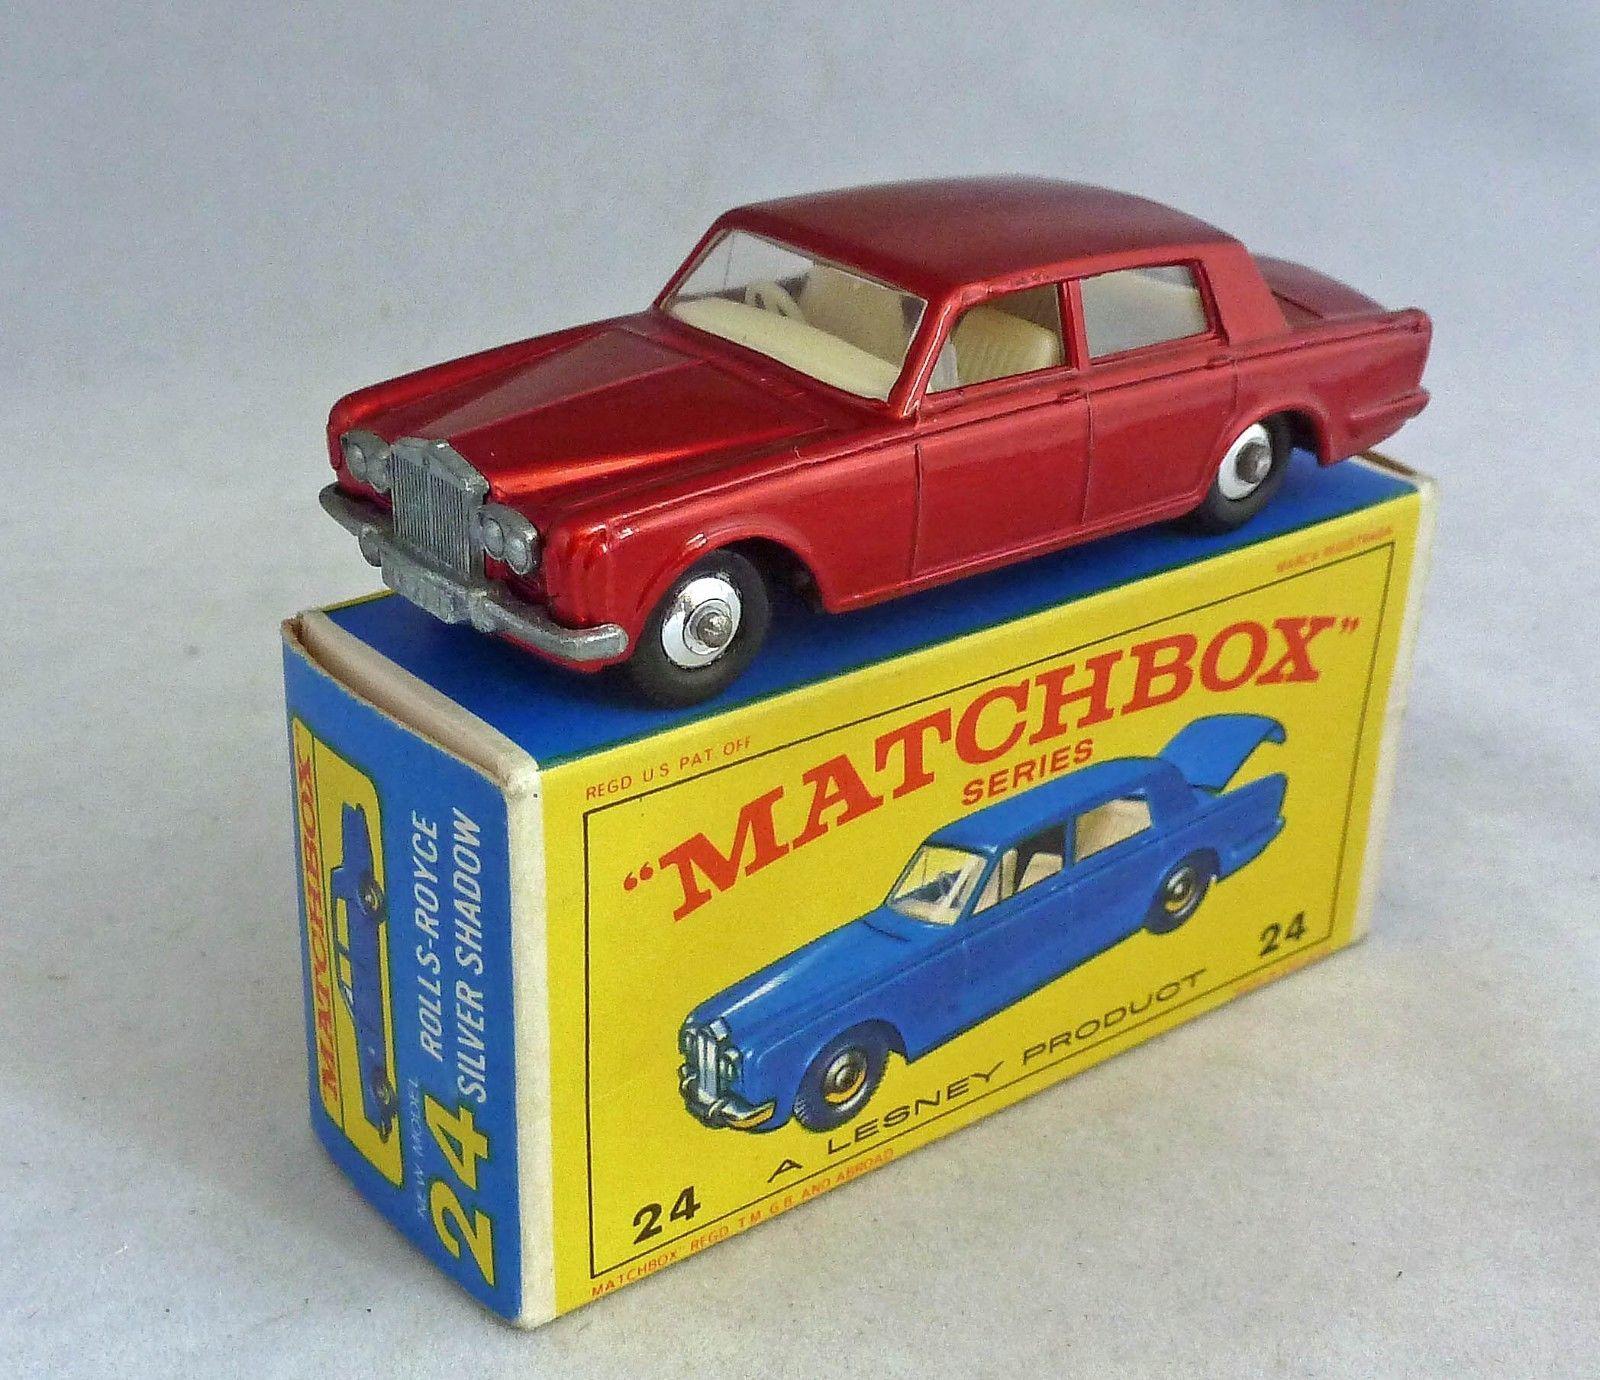 Repro box Matchbox Superfast nº 64 mg 1100